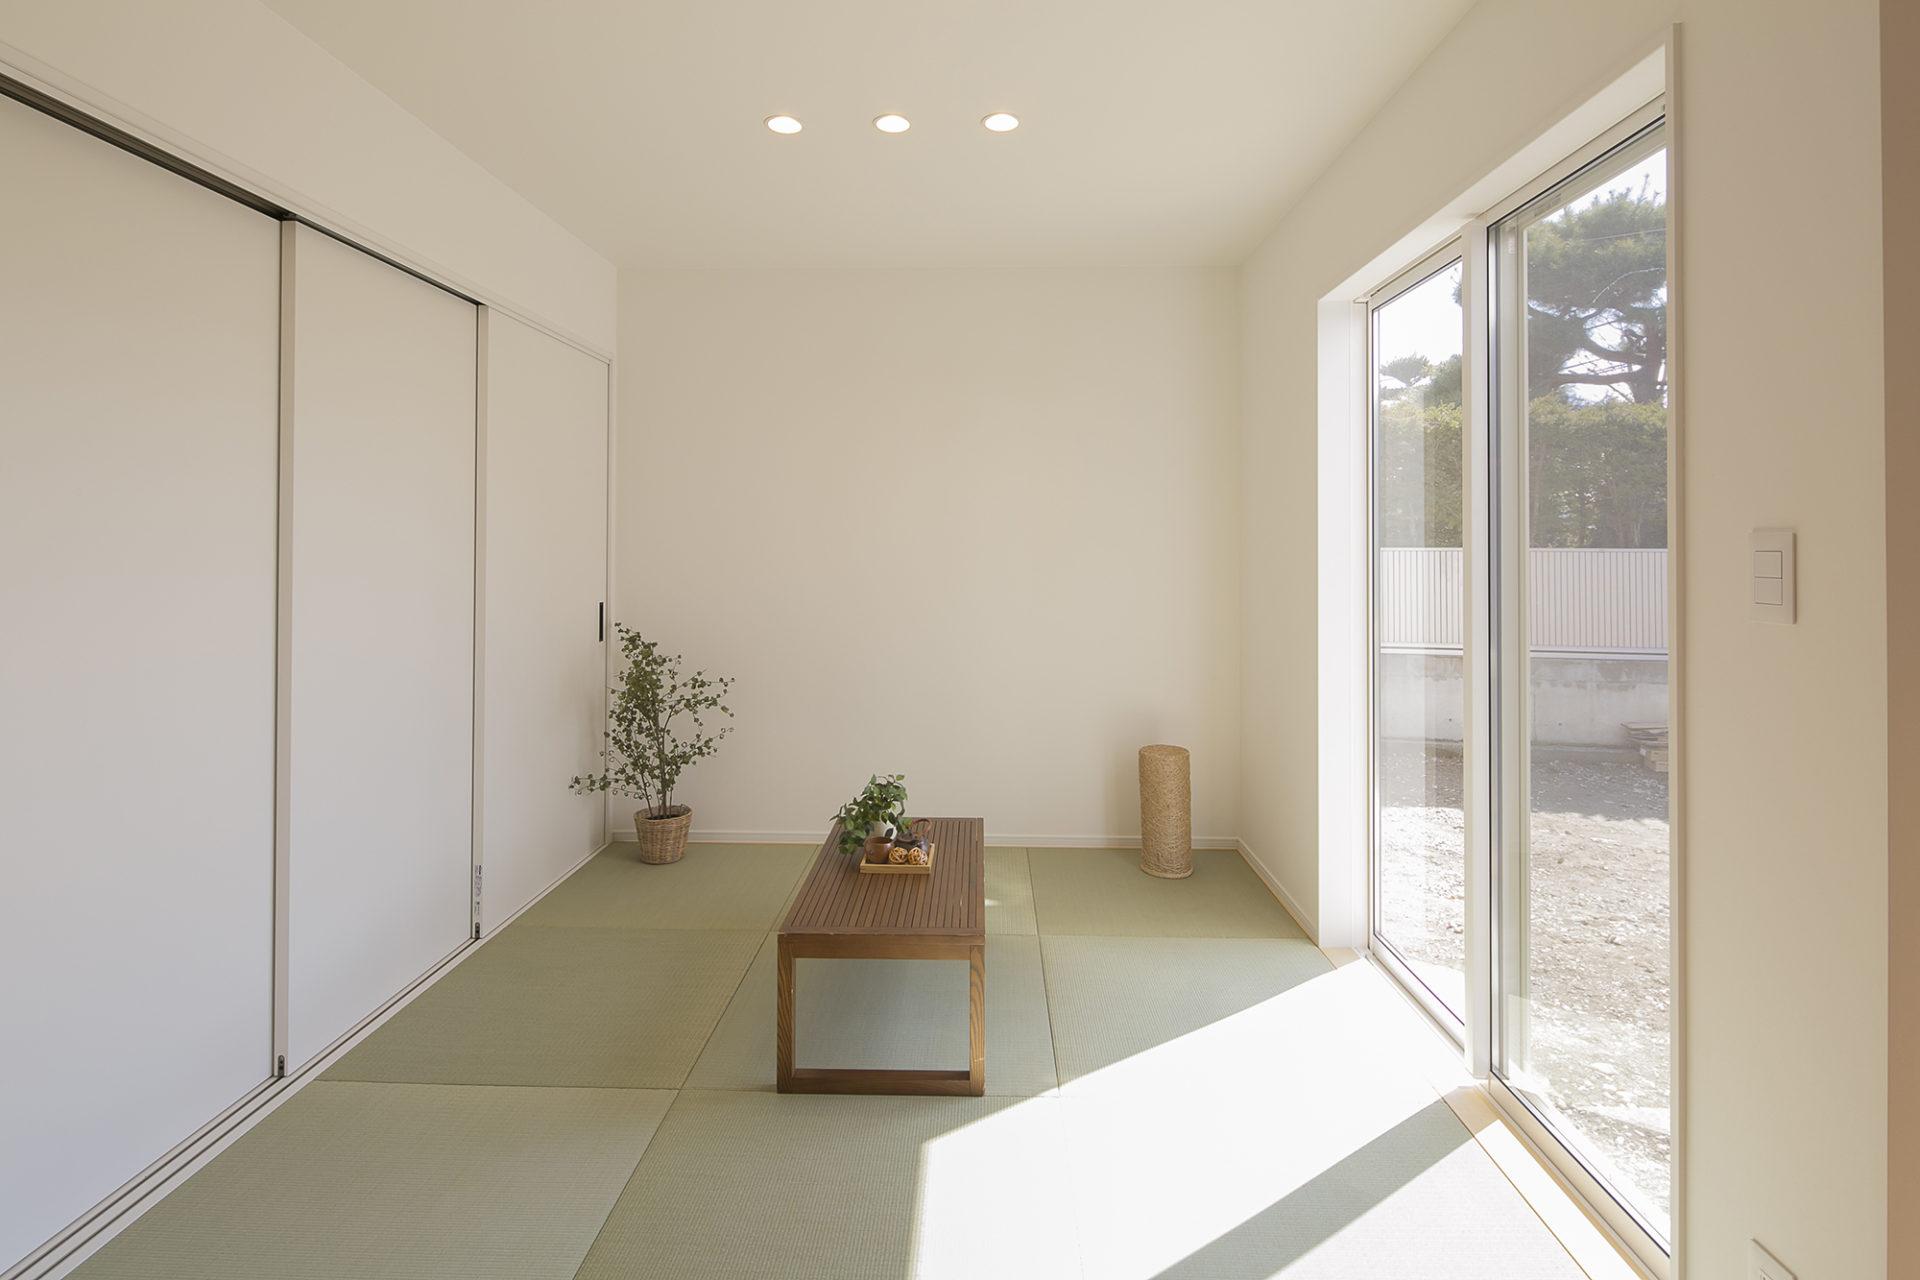 花と緑に囲まれながら ナチュラルな暮らしを愉しむ家5